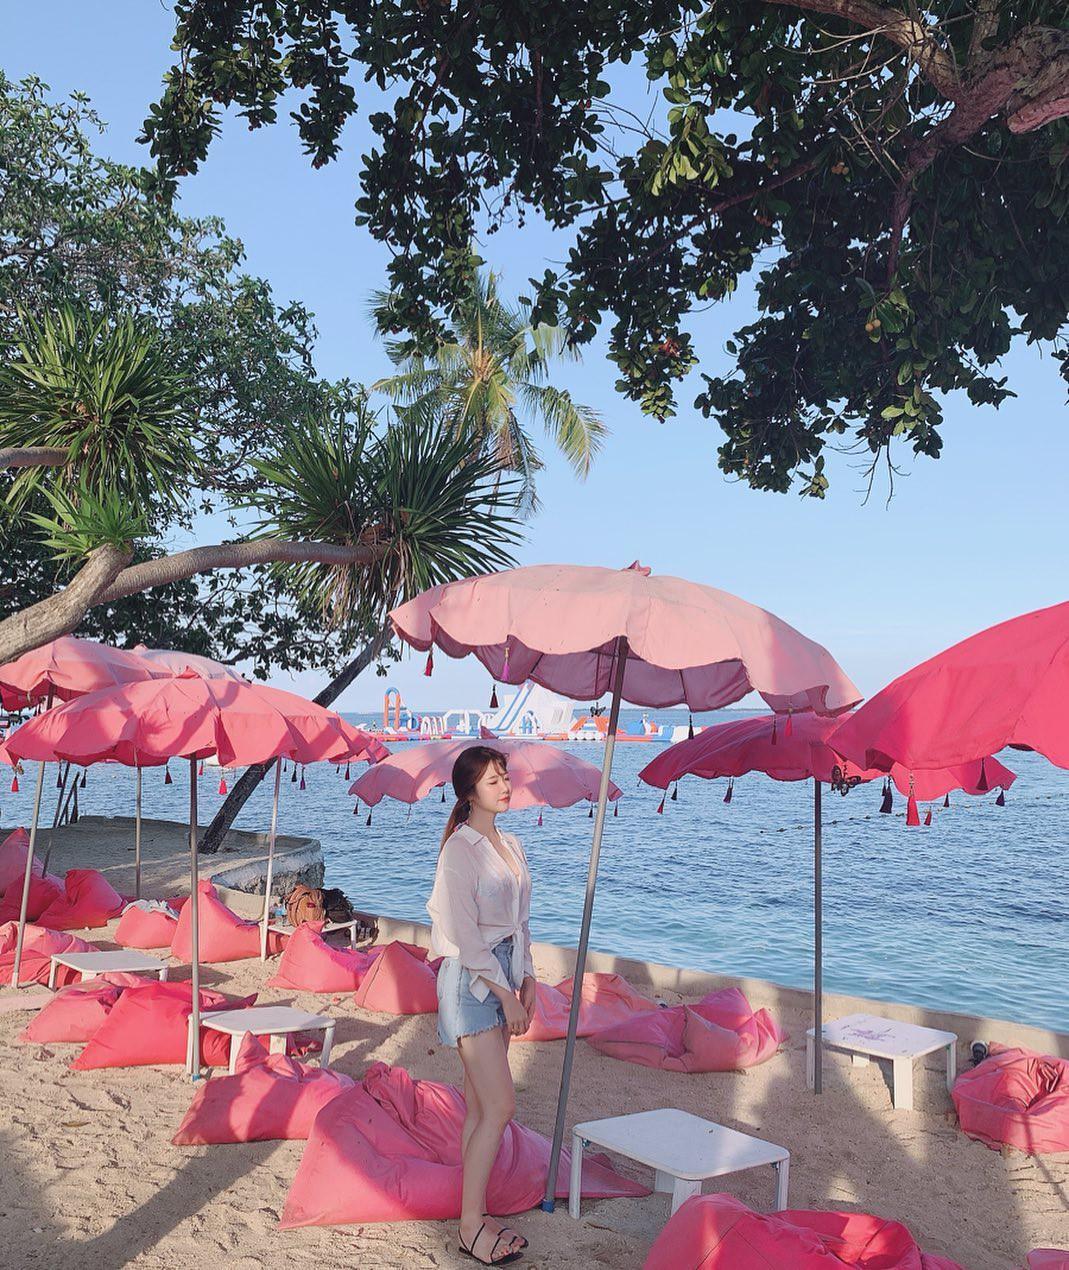 Ngất lịm với hàng trăm góc sống ảo xịn xò tại công viên phao nổi 7 sắc cầu vồng nổi tiếng nhất Philippines - Ảnh 18.